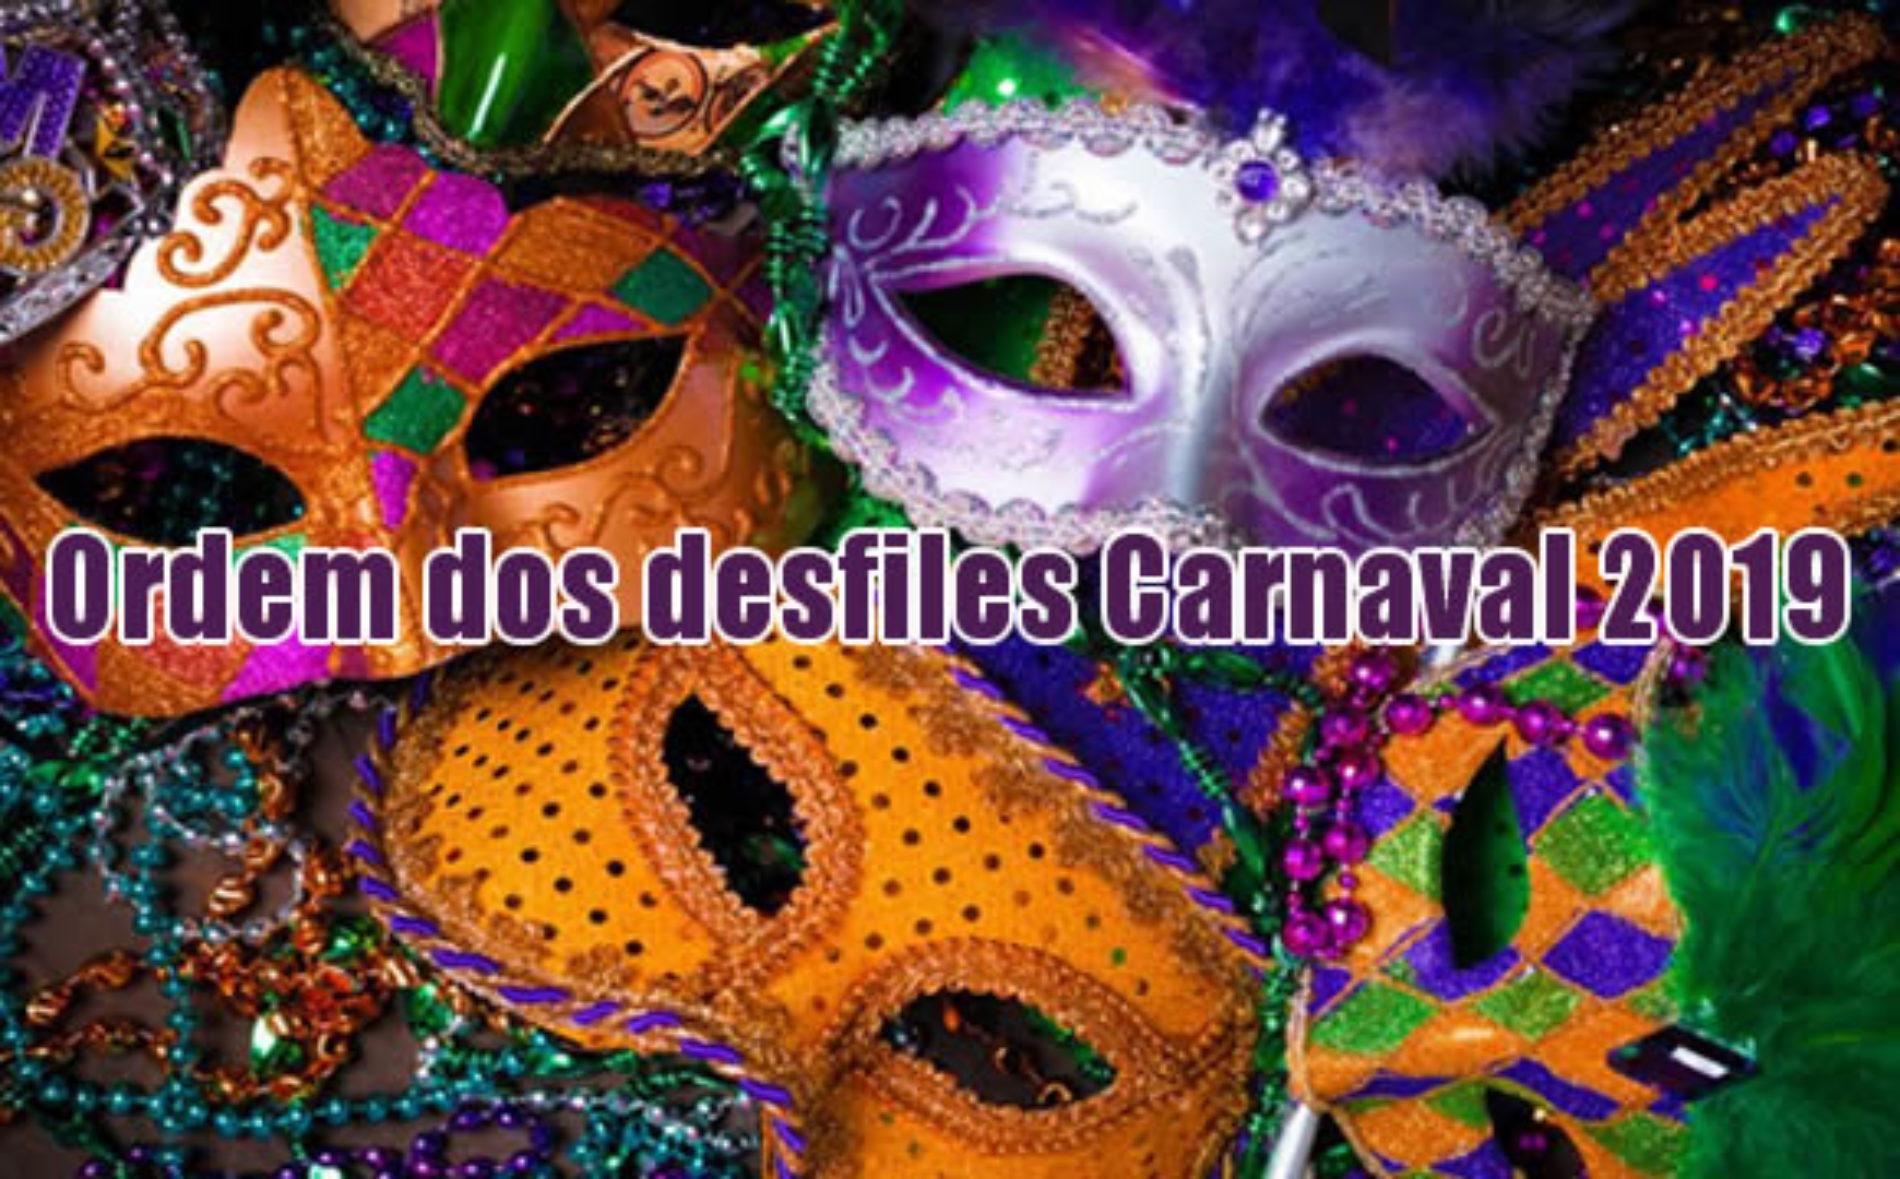 Como será a ordem dos desfiles Carnaval 2019 em São Paulo